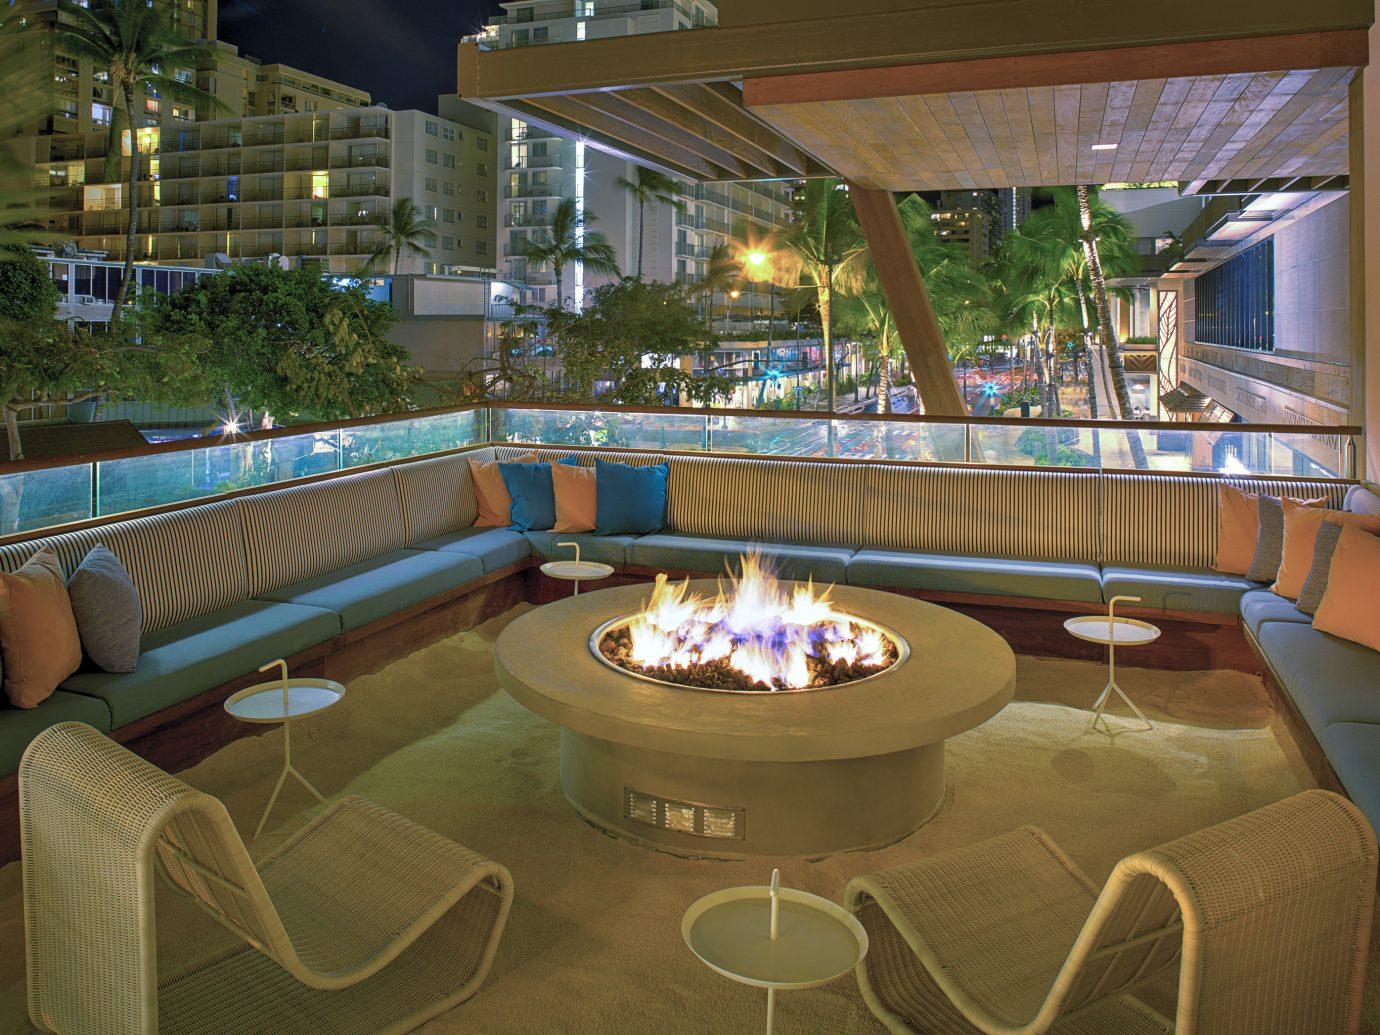 Hotels Romance indoor swimming pool leisure Resort real estate estate interior design home hotel apartment condominium penthouse apartment Lobby